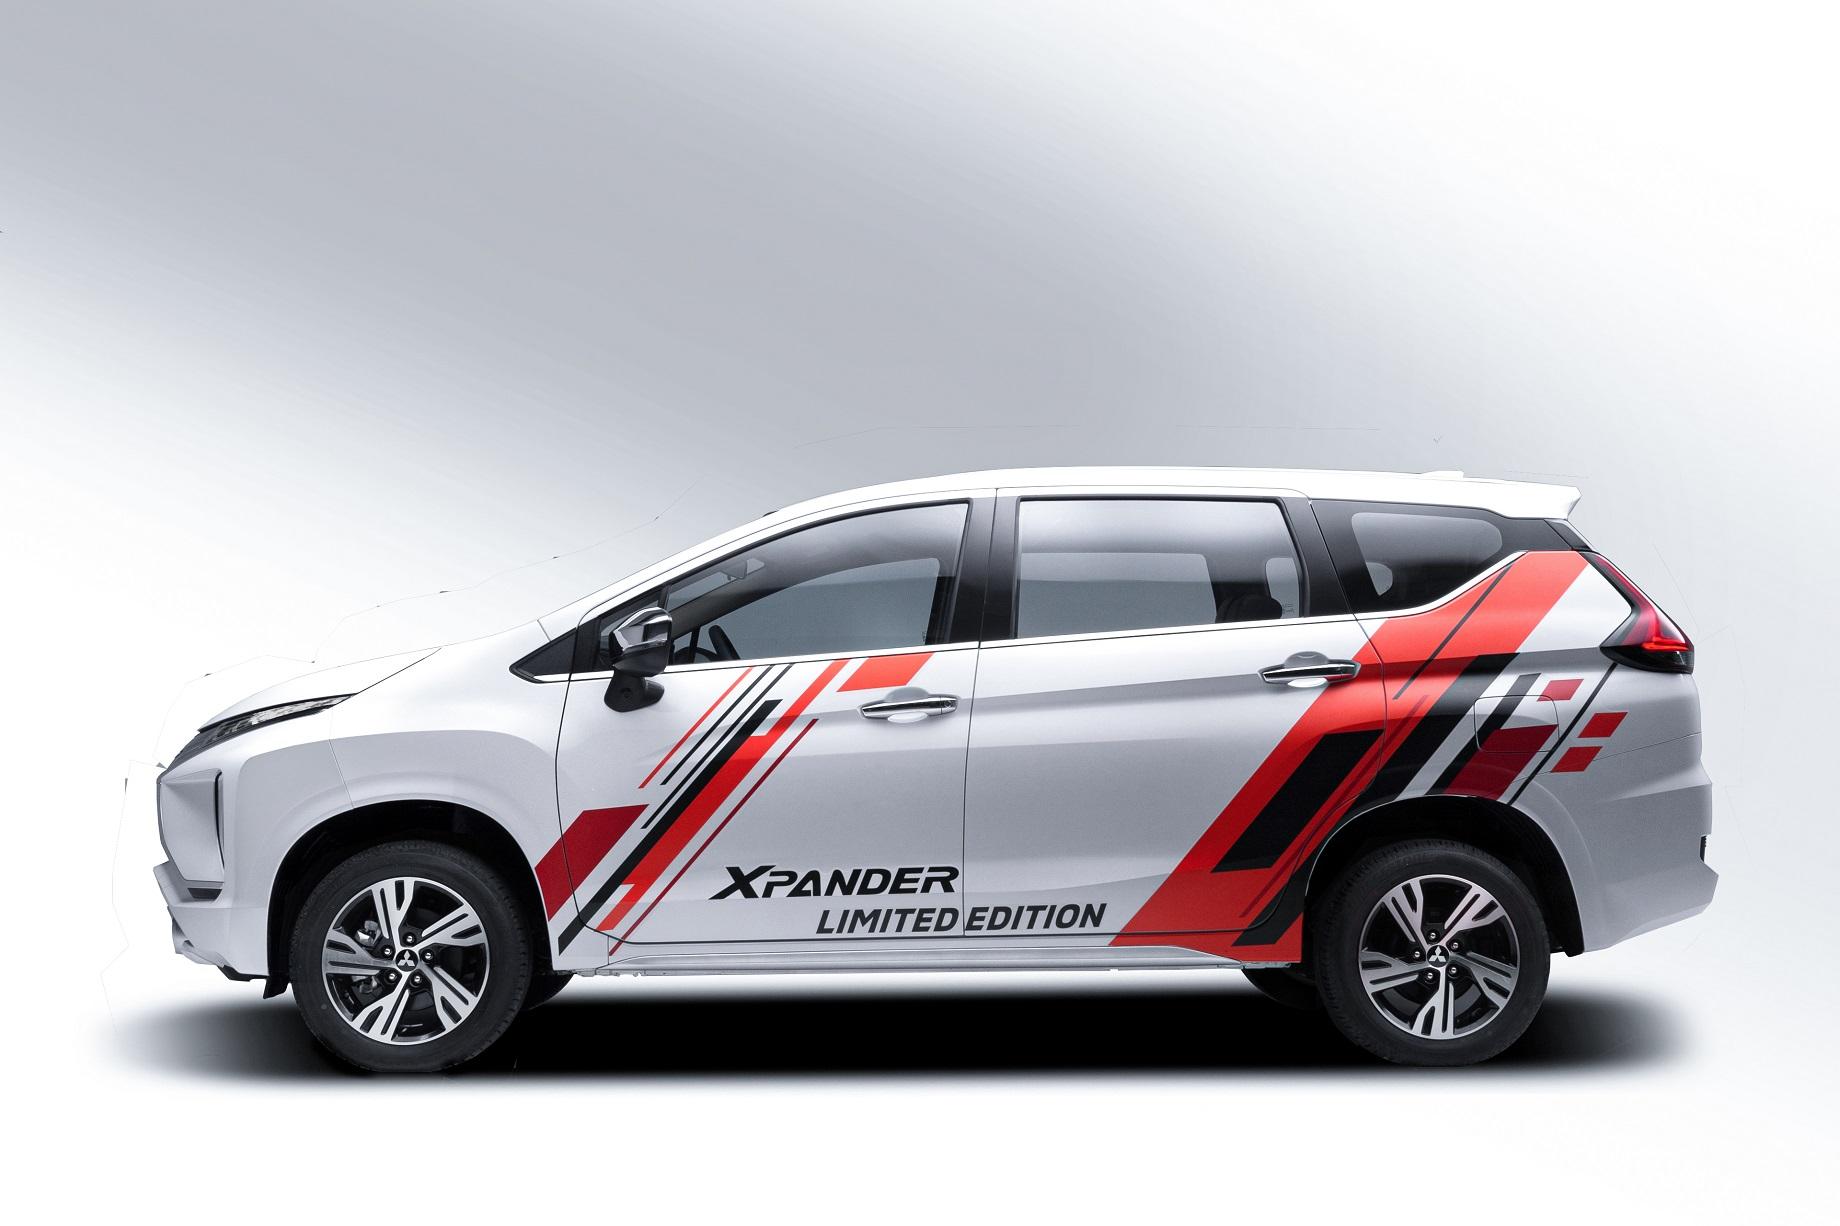 Mitsubishi Xpander phiên bản đặc biệt ra mắt tại Việt Nam, giá 630 triệu đồng xpander-sam-ngoai-that-017.jpg